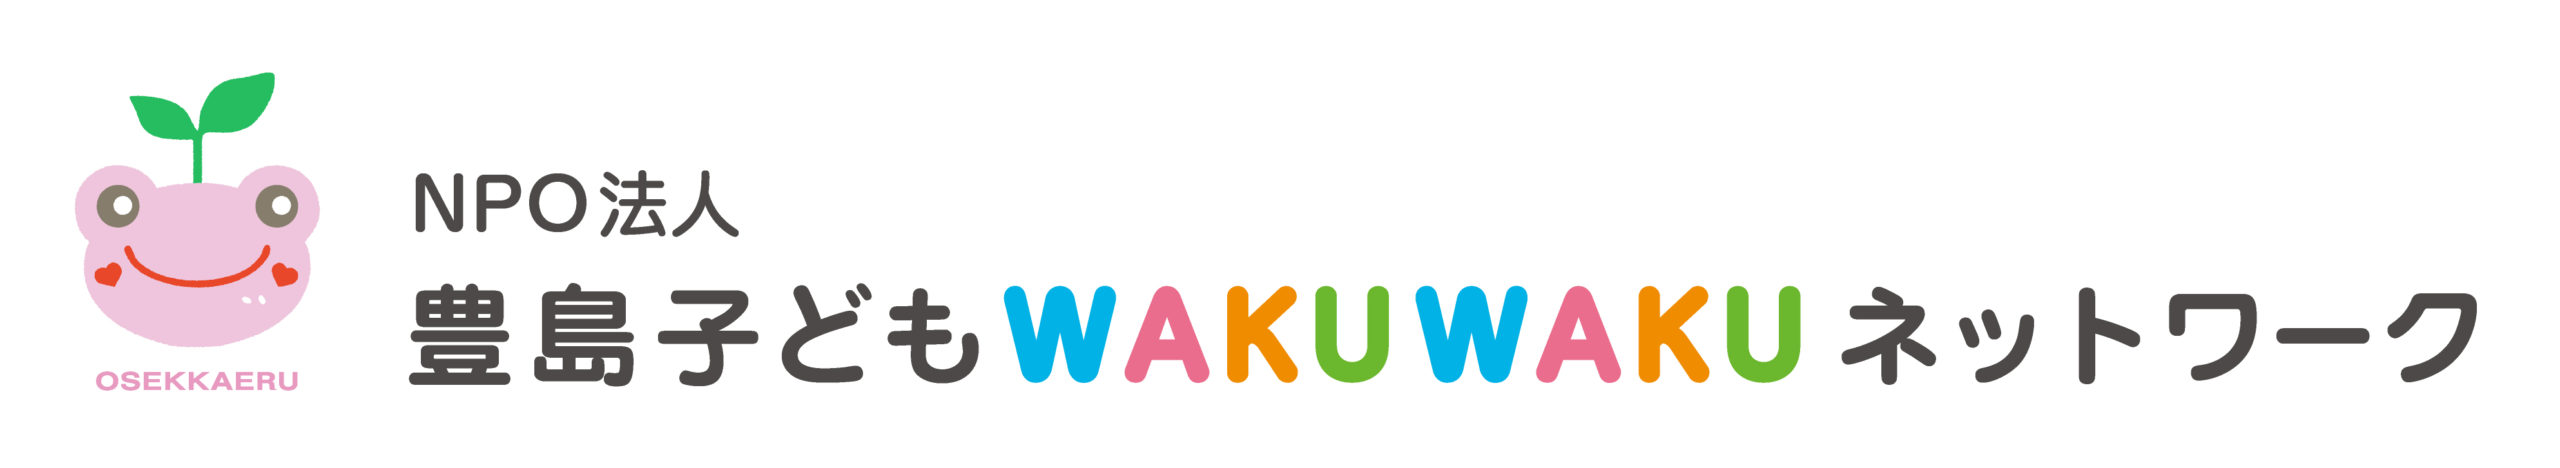 NPO法人豊島子どもWAKUWAKUネットワーク